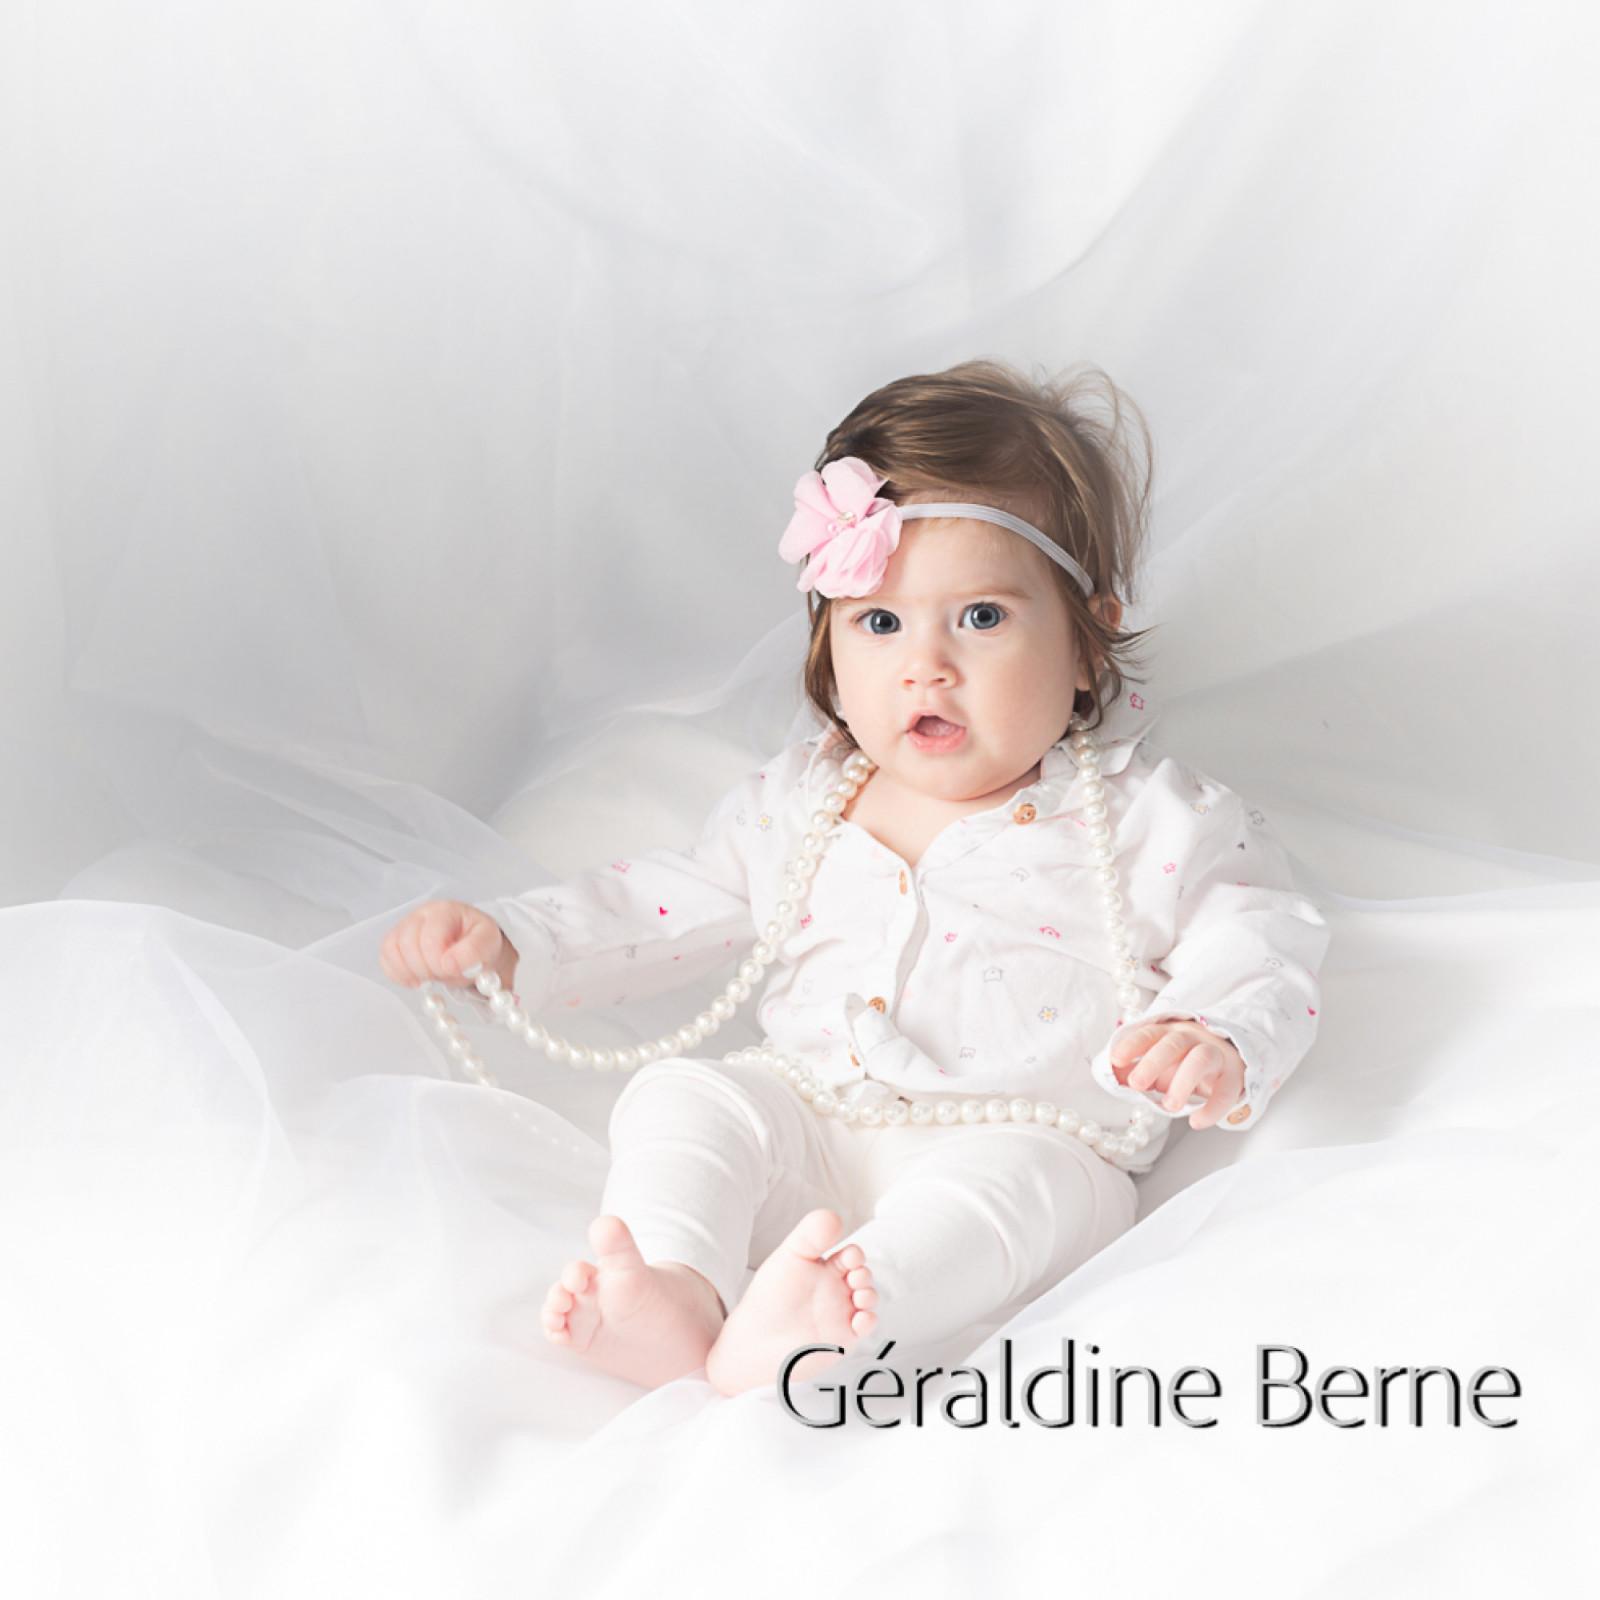 geraldine-berne 216a153687b3